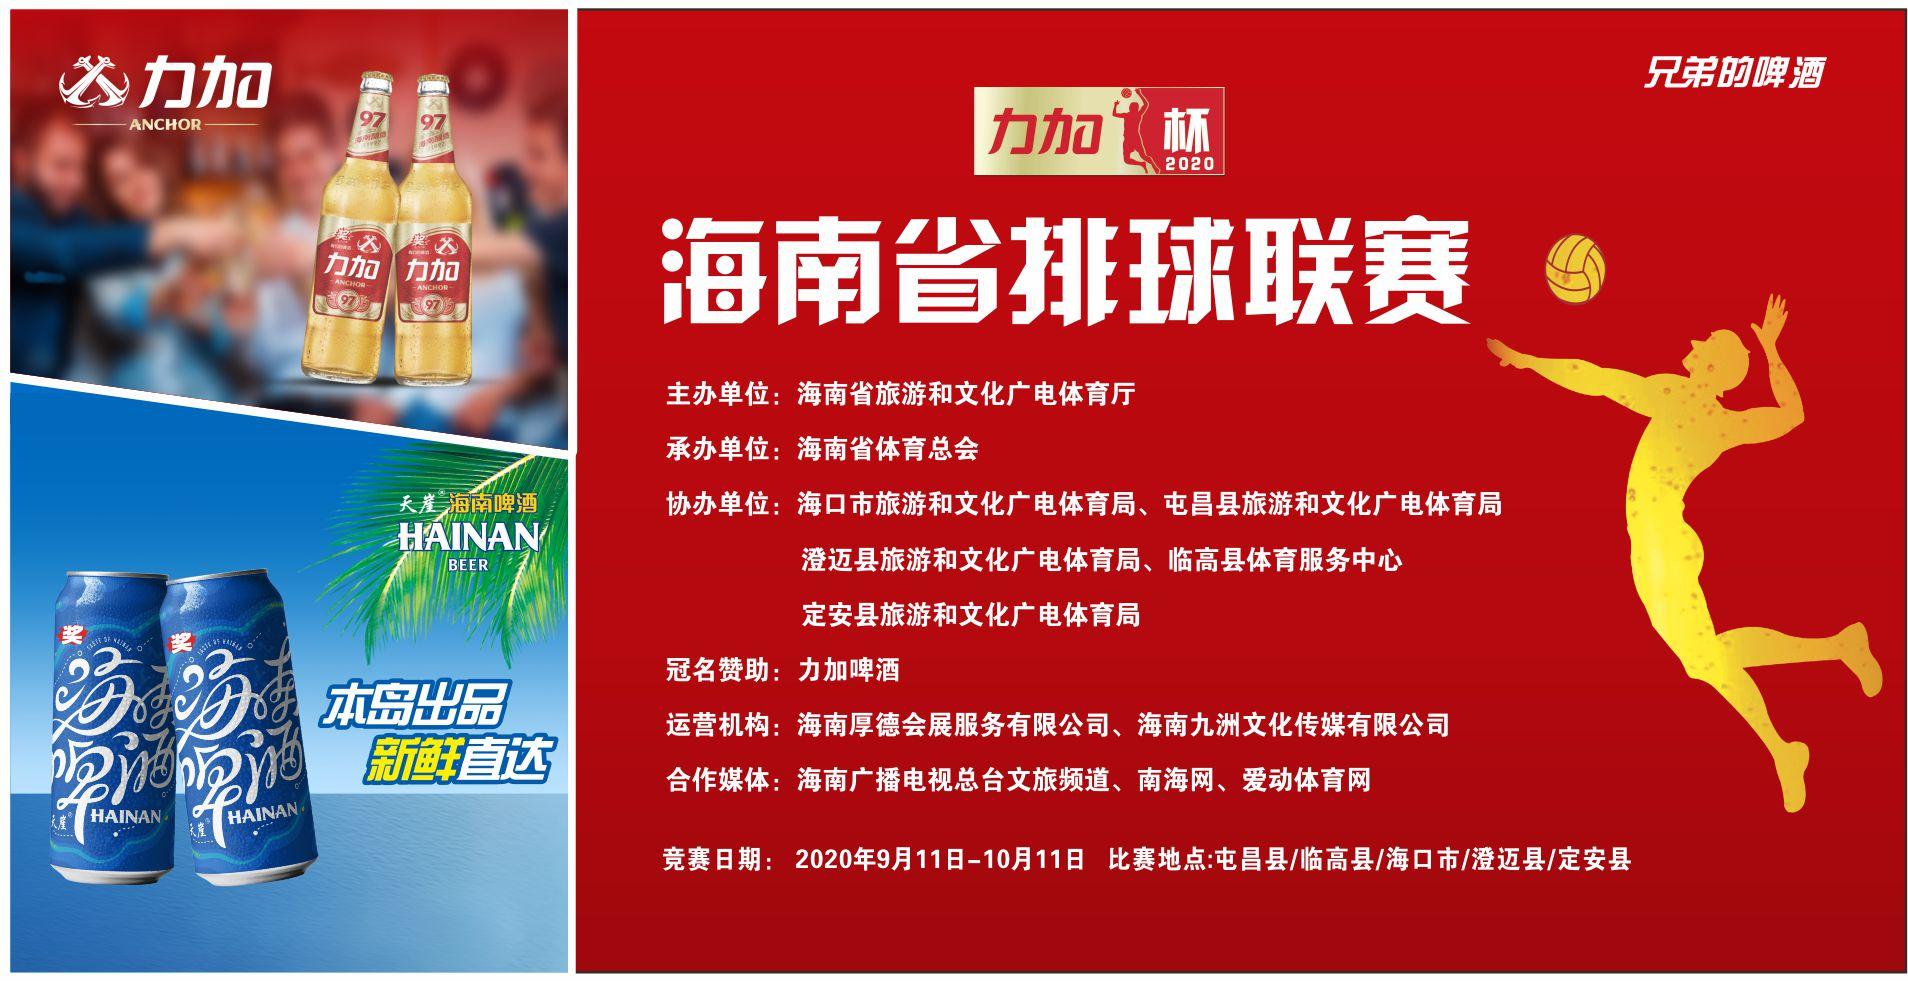 """【回放】2020""""力加杯""""海南省排球联赛 9月12日早上 A组"""